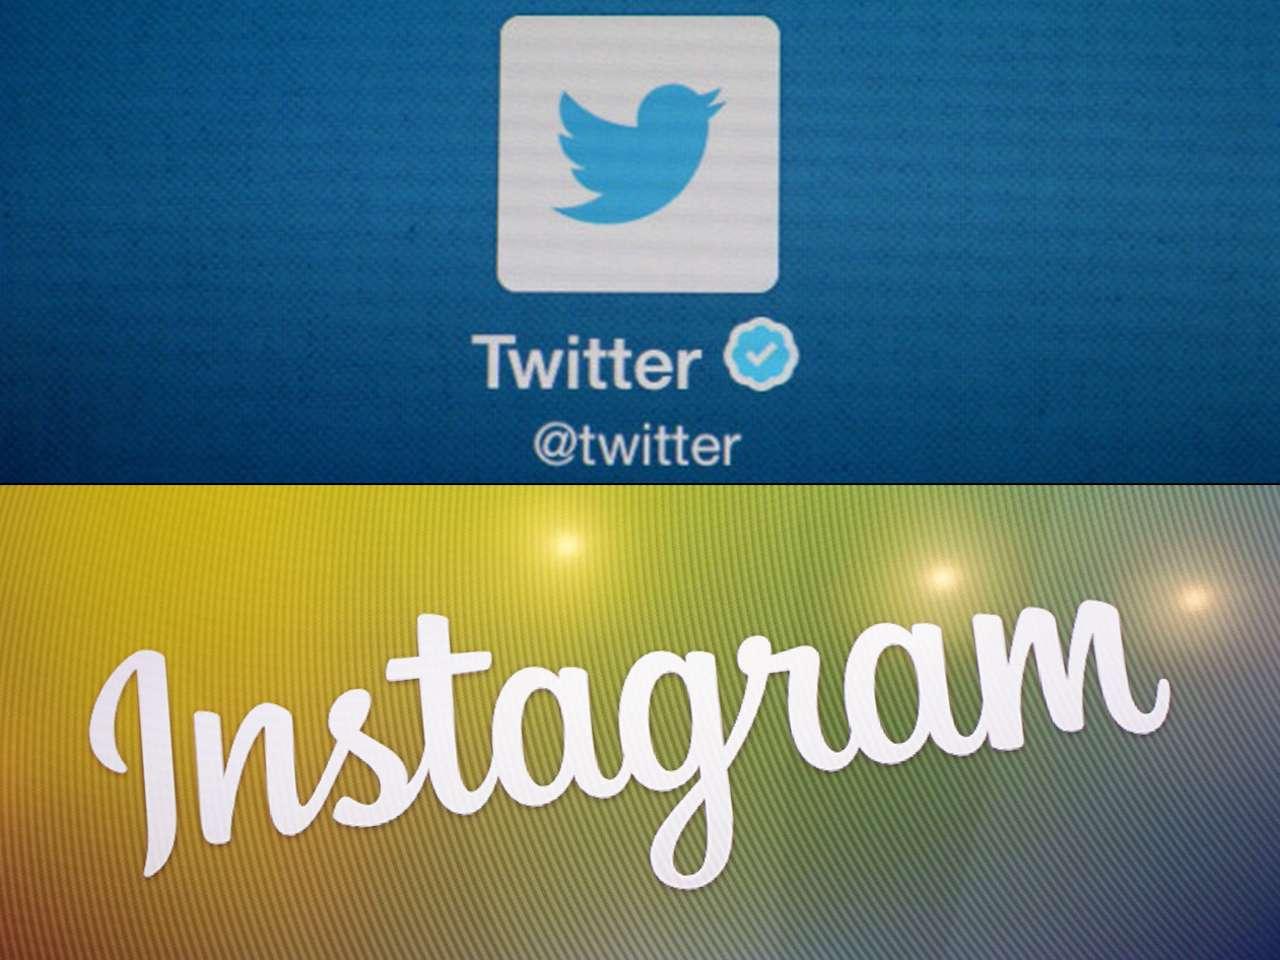 Las otras redes sociales que más utilizan los adolescentes según la encuesta son Pinterest (22 %), Tumblr (21 %) y Google+ (12 %) Foto: Terra/Especial